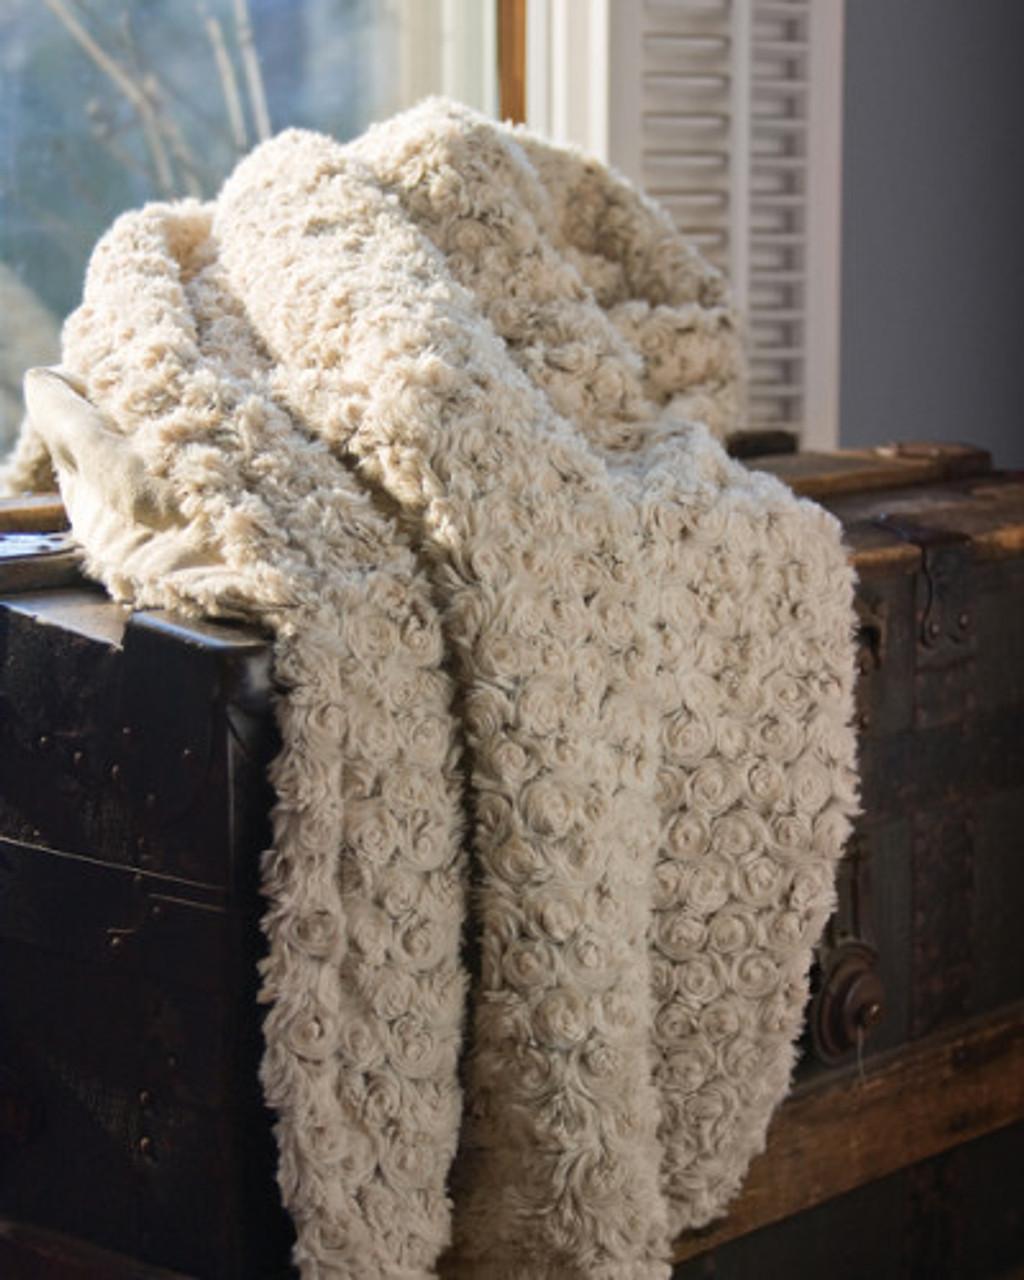 Rose Eco2Cotton Afghan Throw Blanket 50 x 60 USA Made